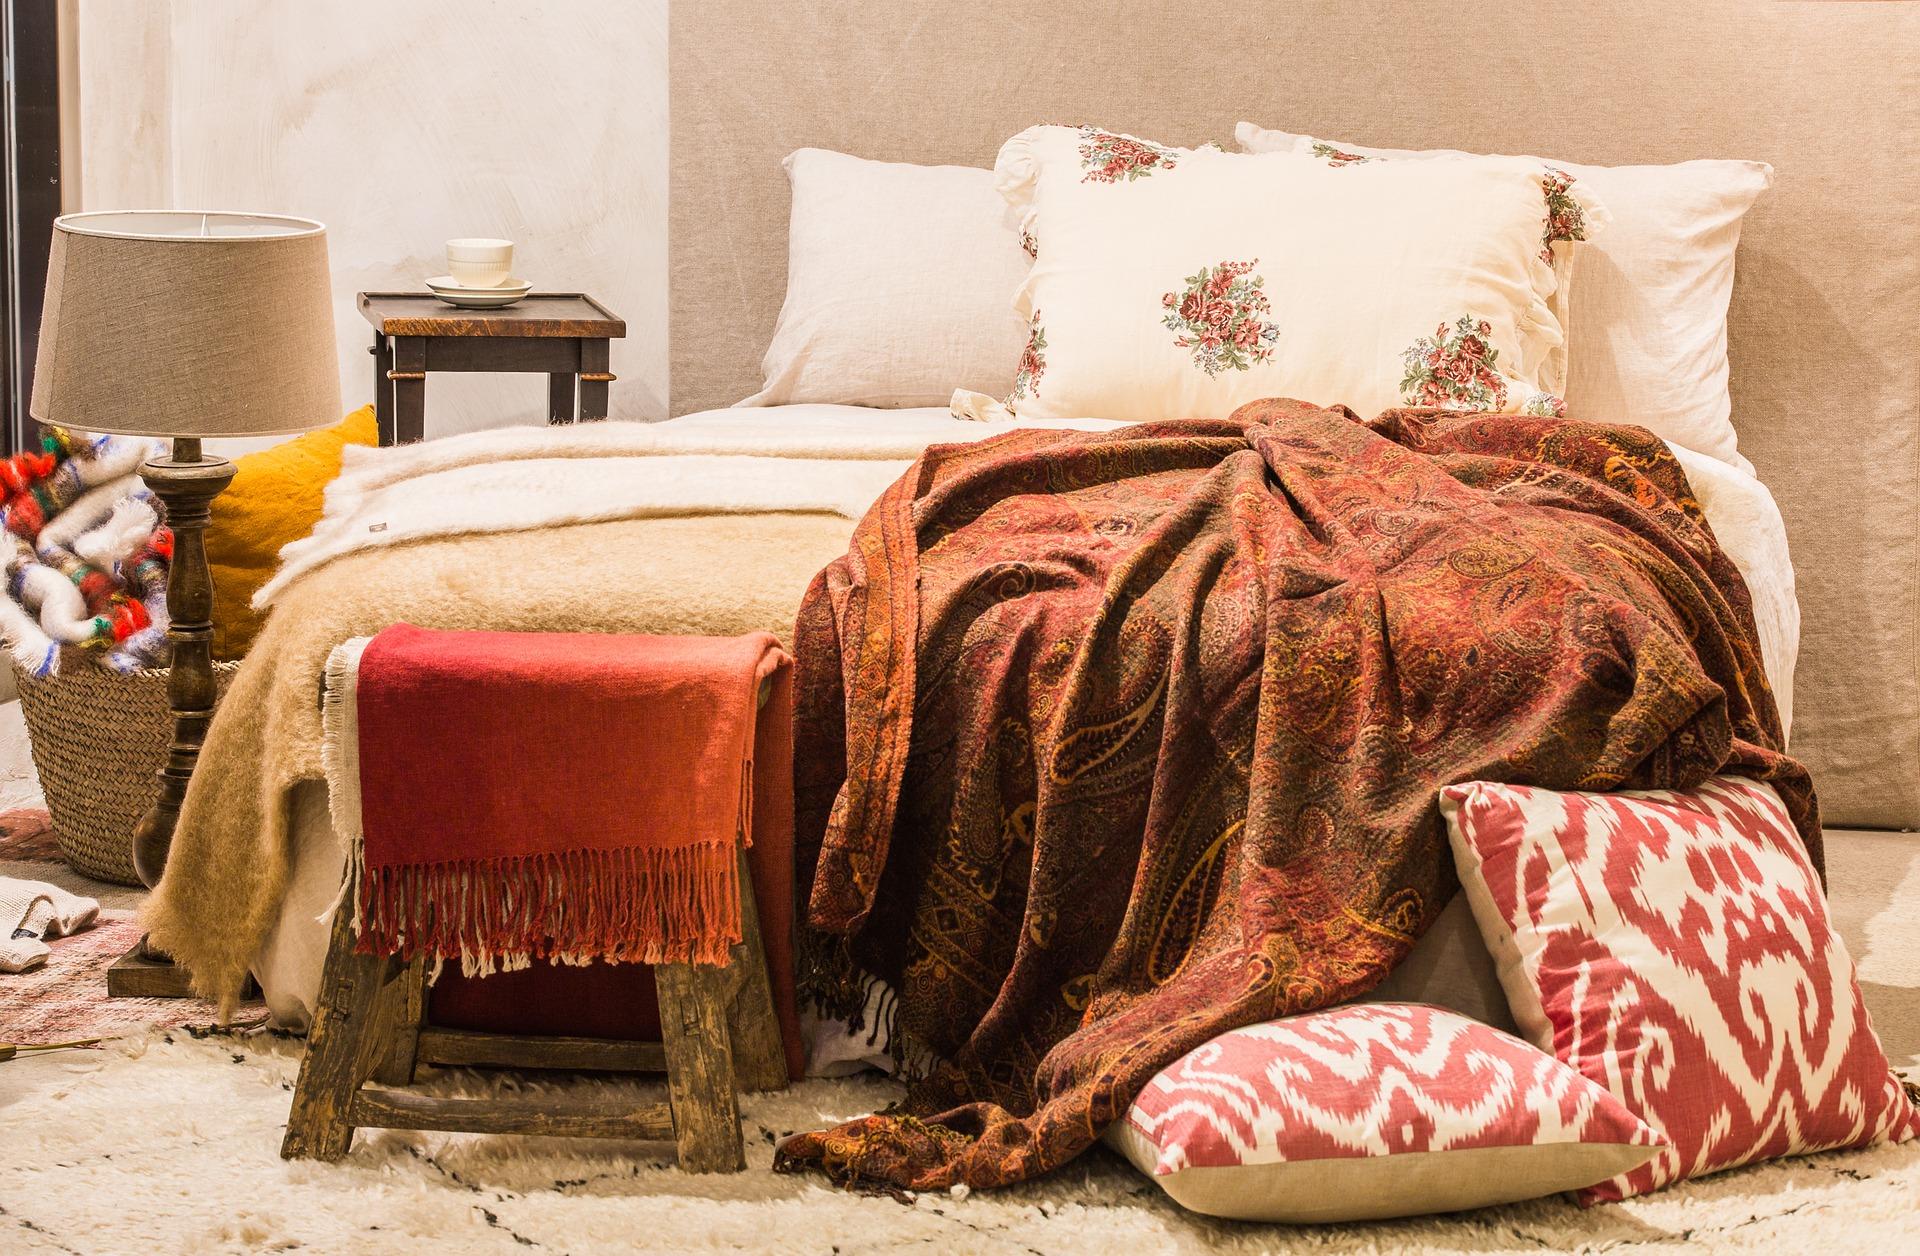 Cuscini in lana: tradizionali ma sempre in voga